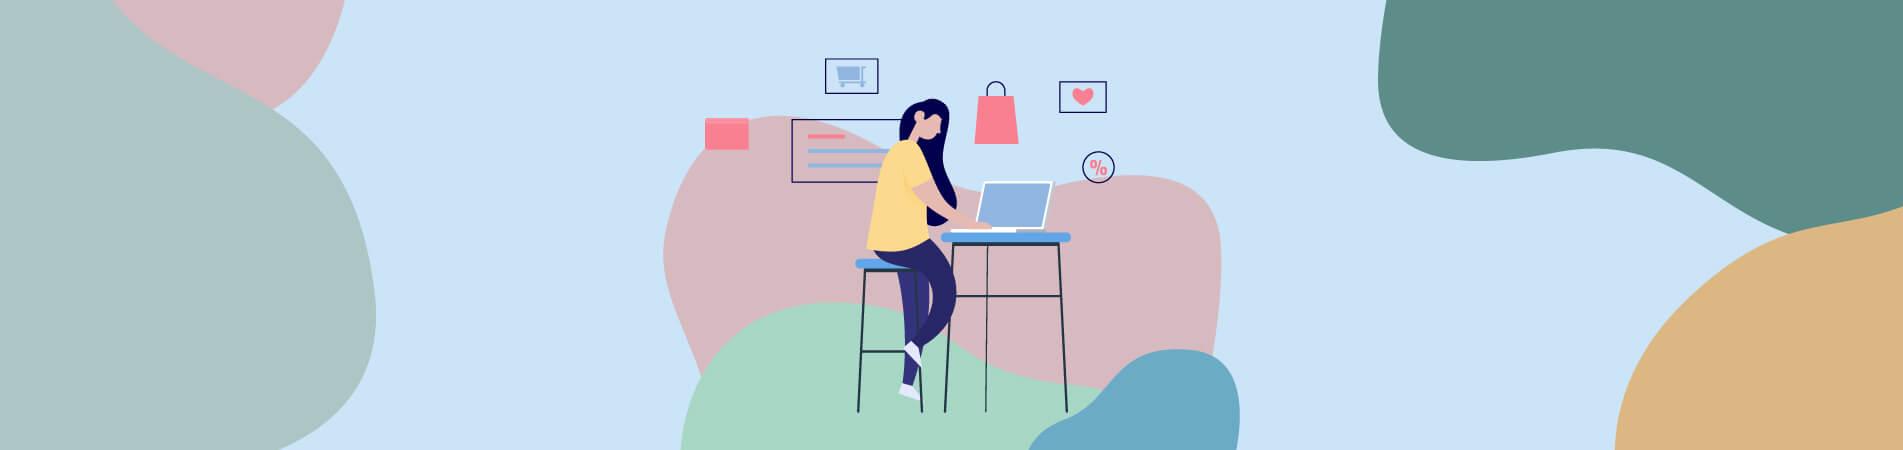 איור של אישה שגולשת במחשב וסביבה אלמנטים המדמים את עולם השיווק